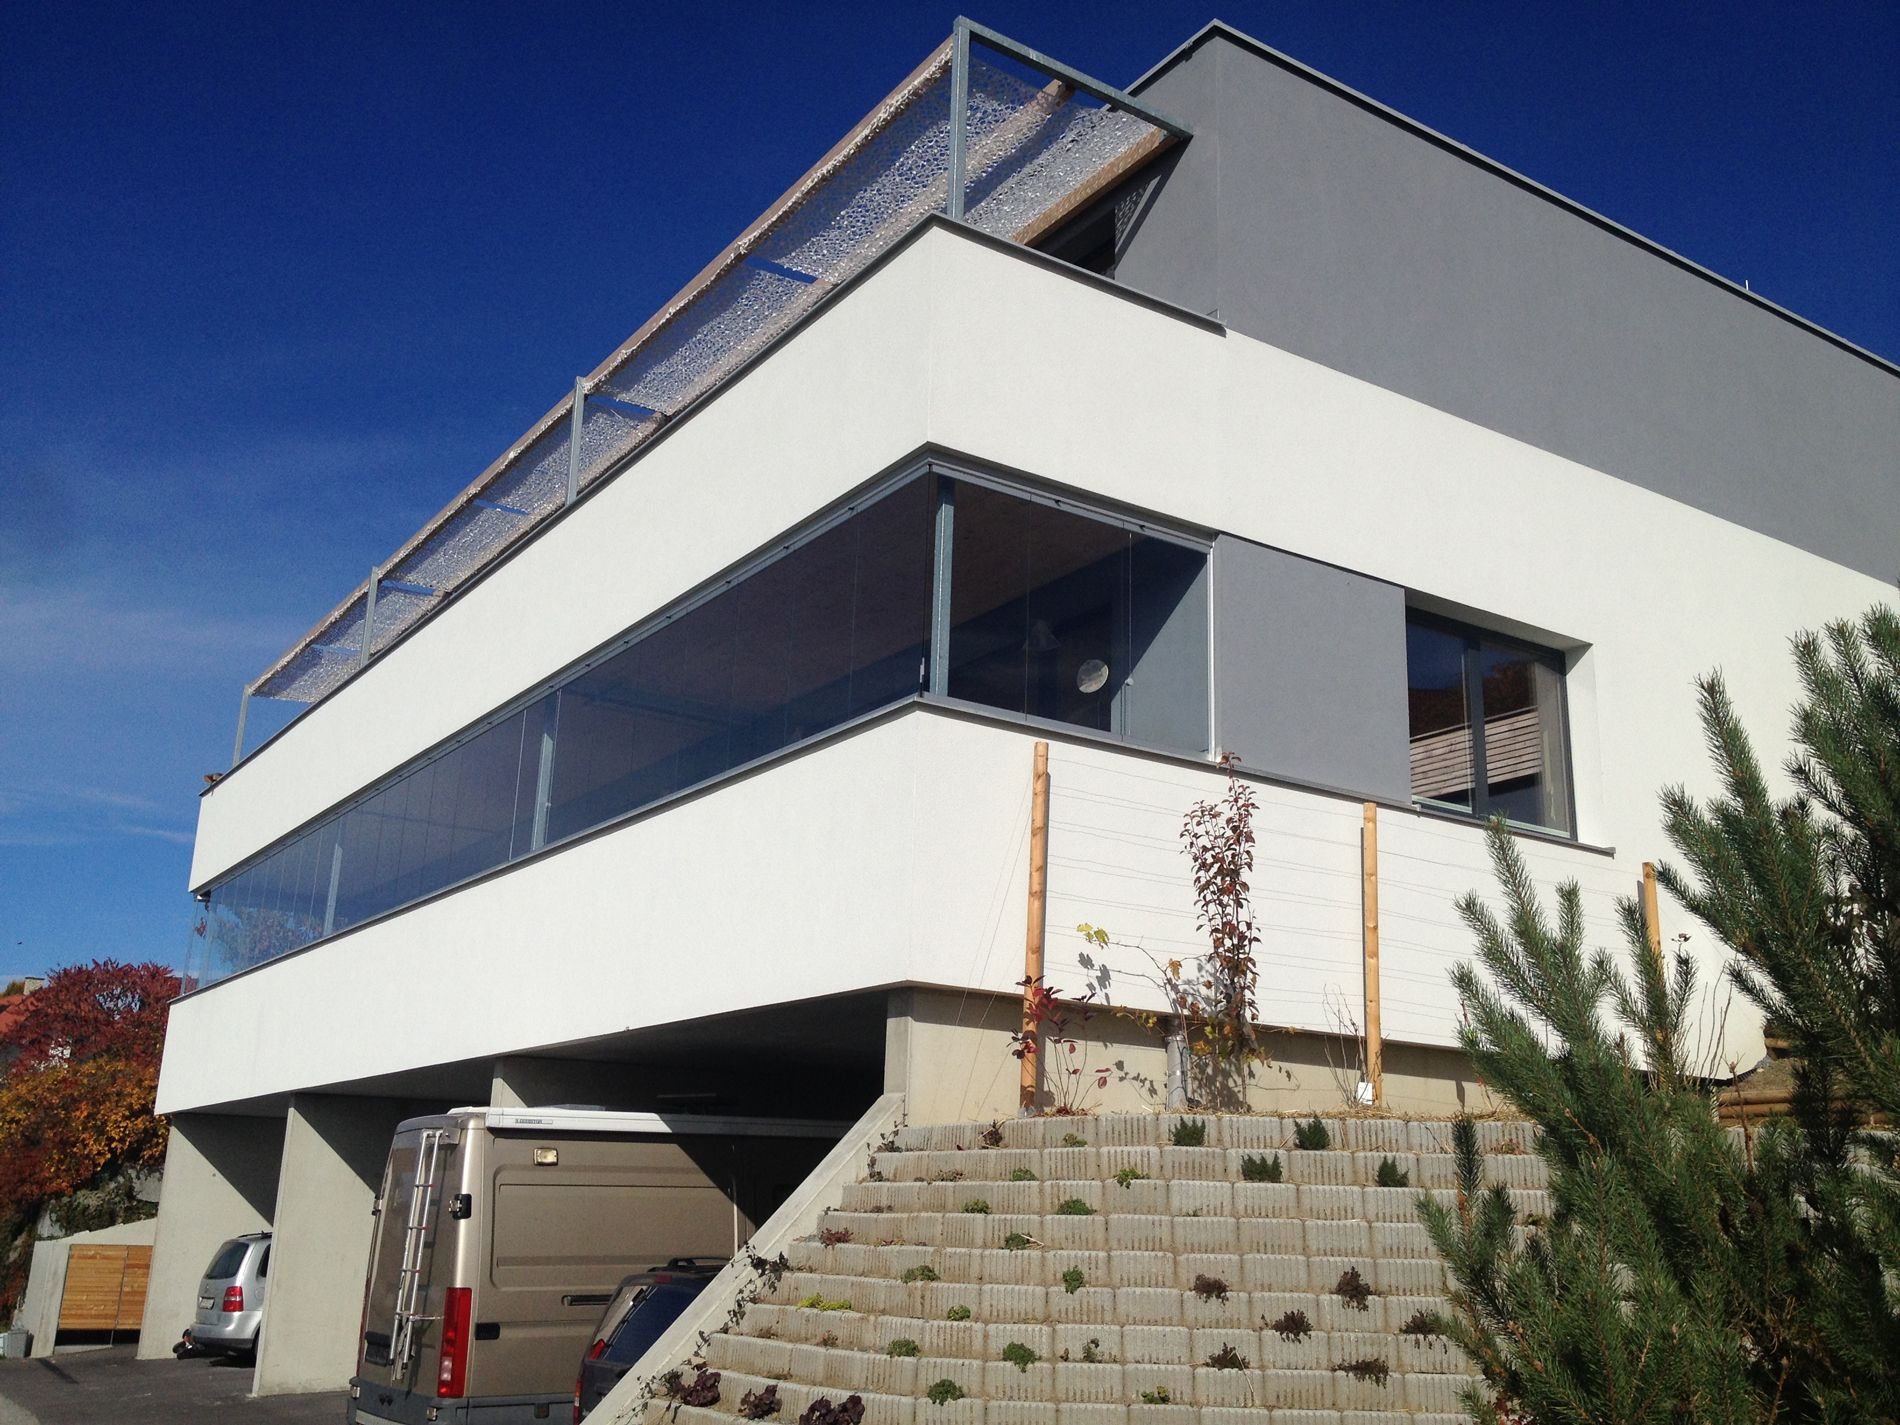 Faltschiebewand Balkon – Wintergarten Schmidinger